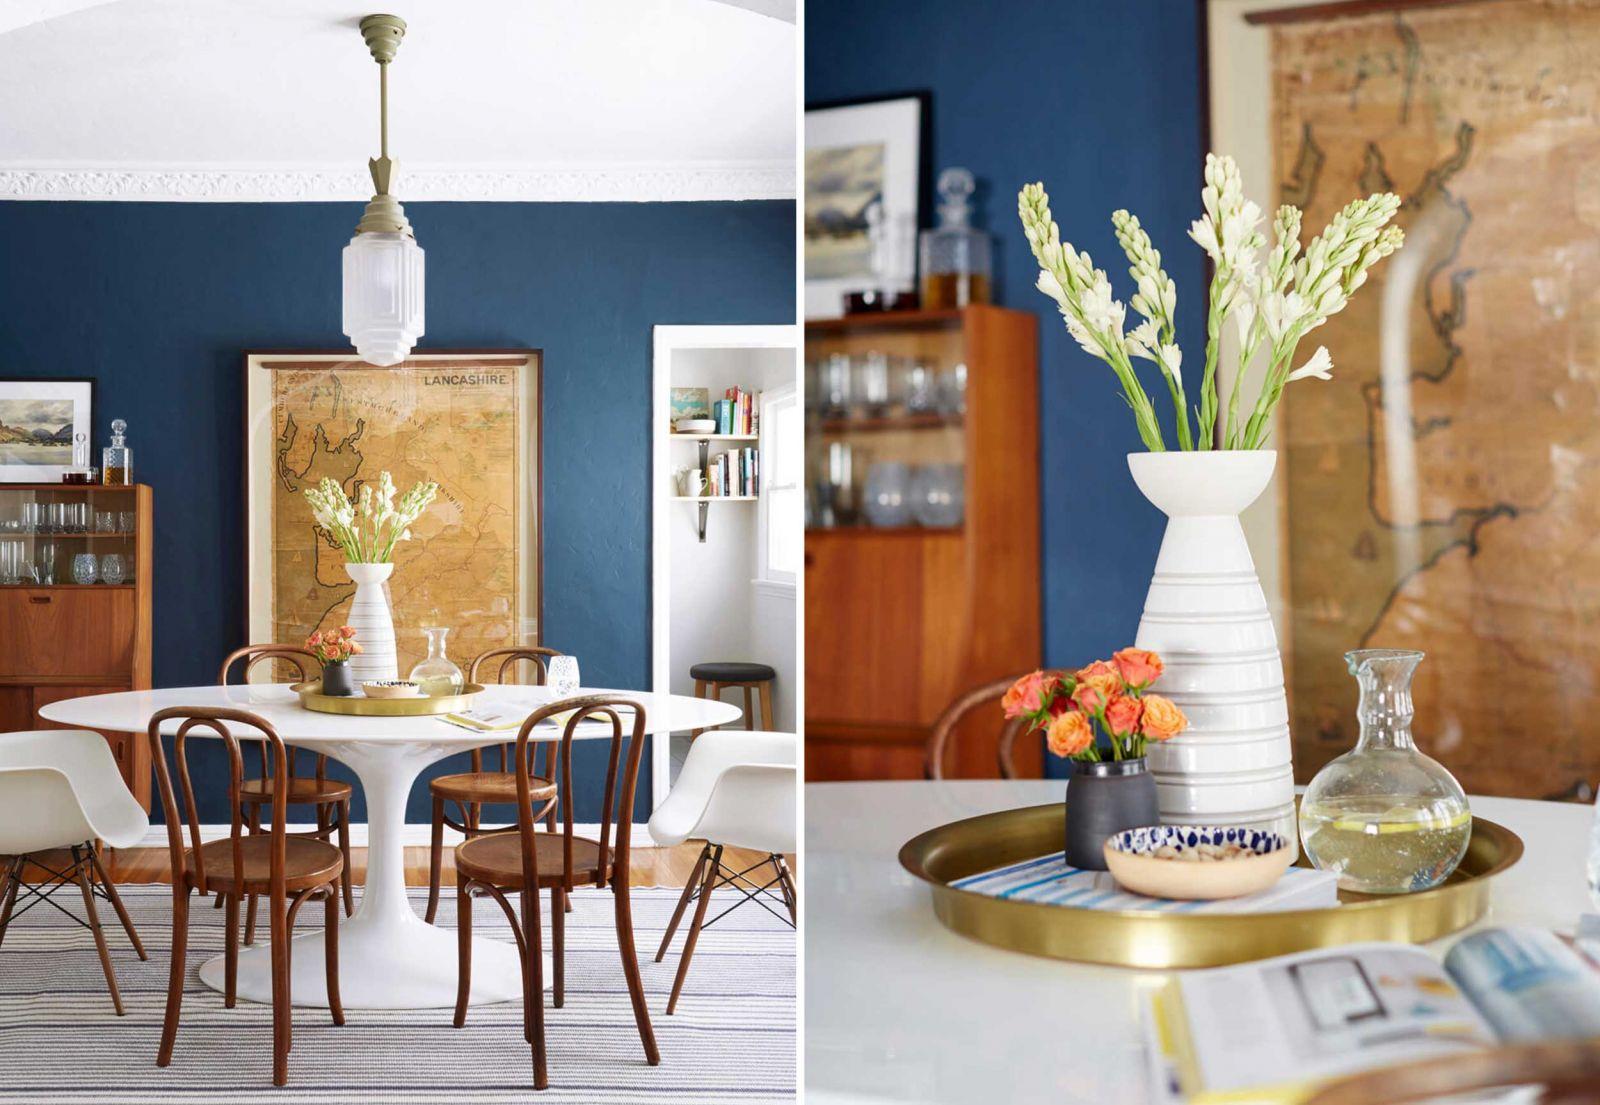 Kết hợp khay với nhiều món đồ thông dụng trong phòng ăn để trang trí